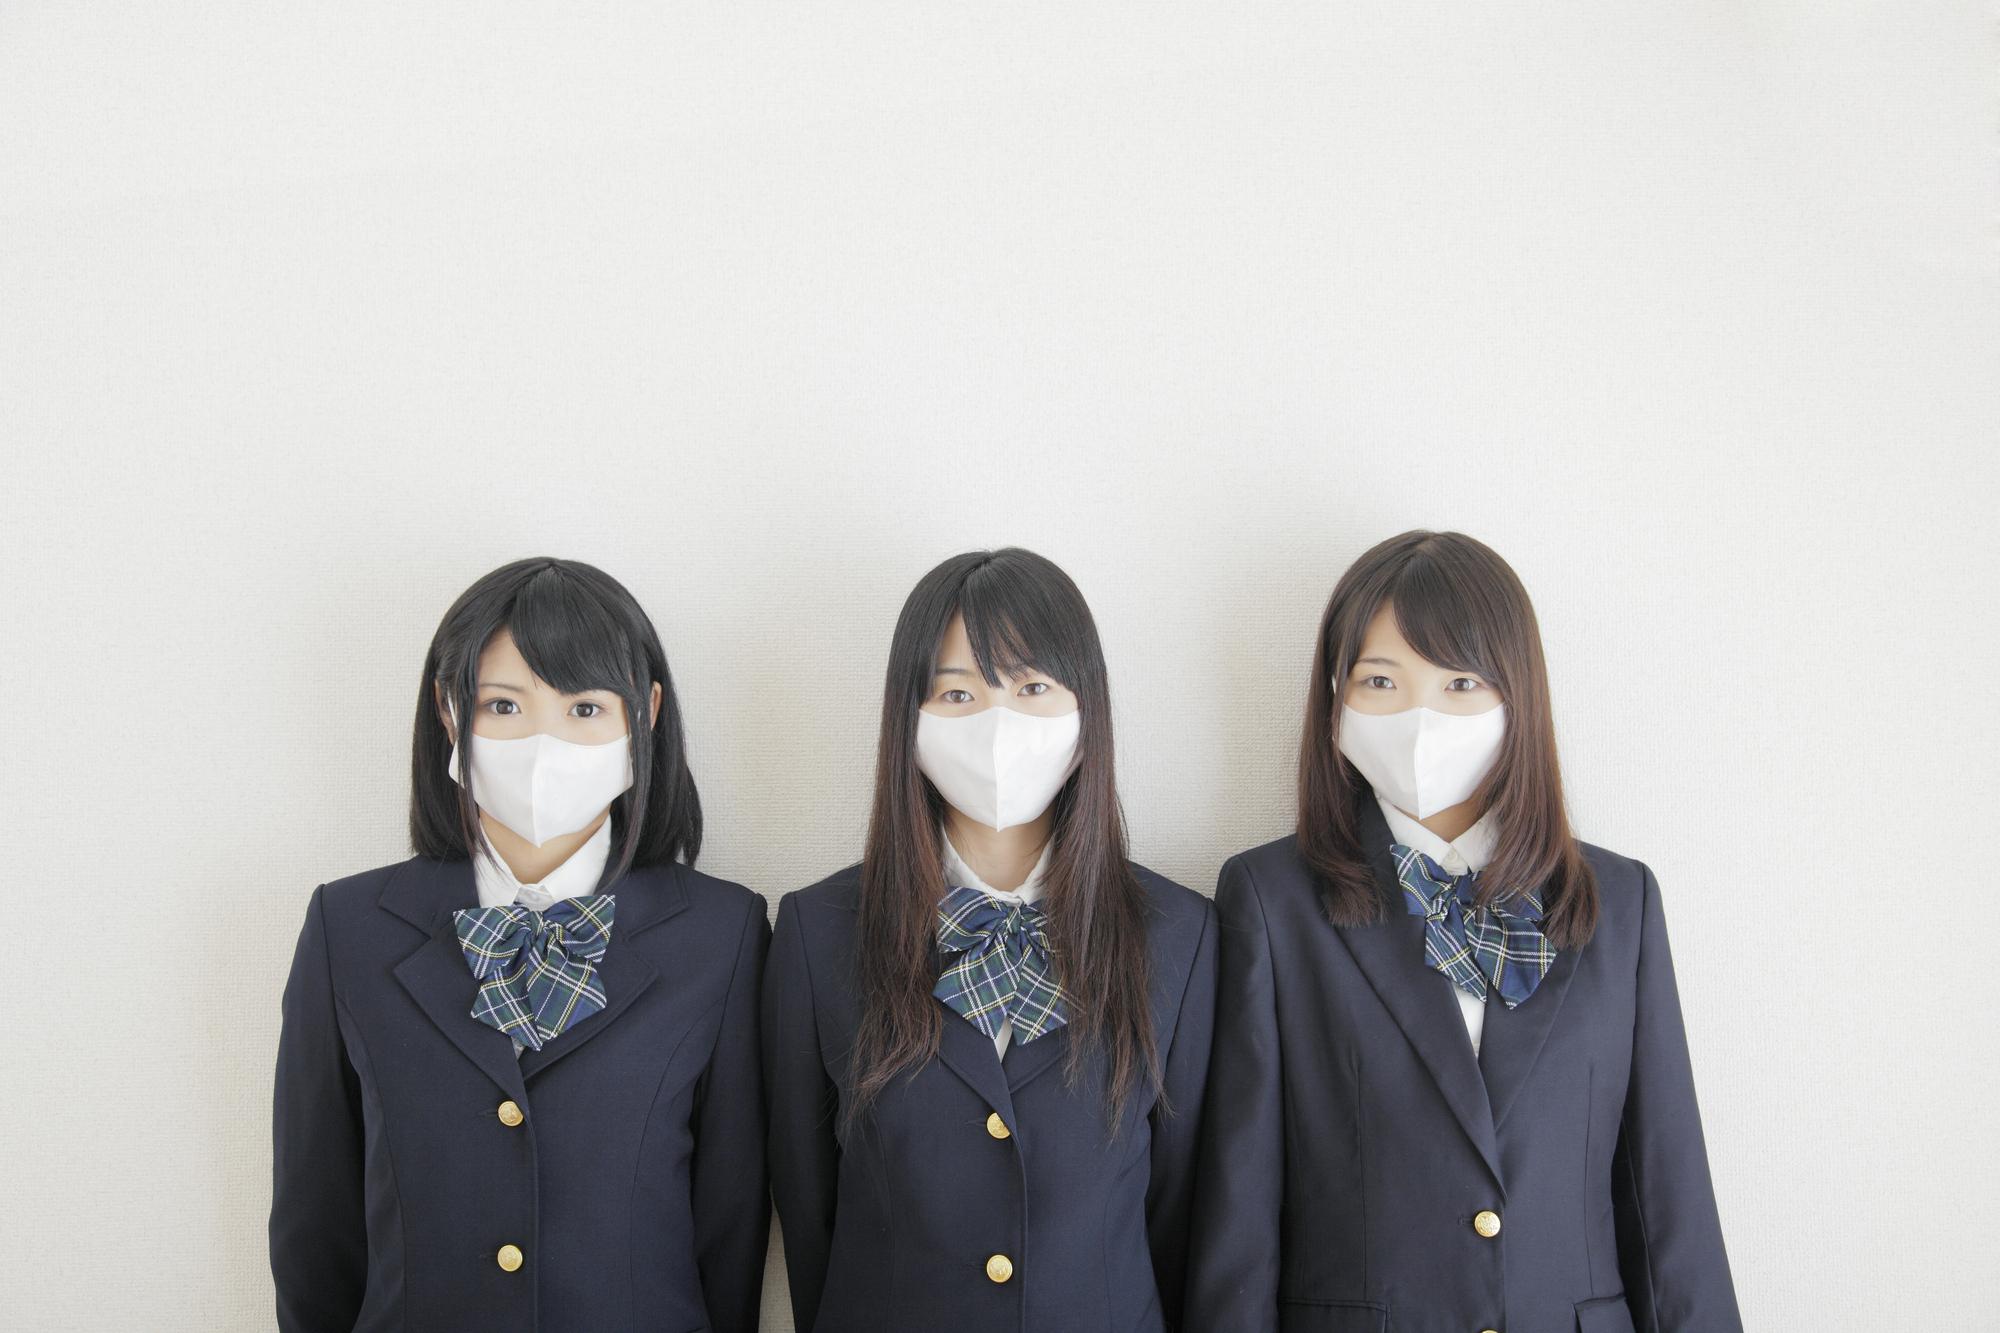 マスクをした女子中学生トリオ